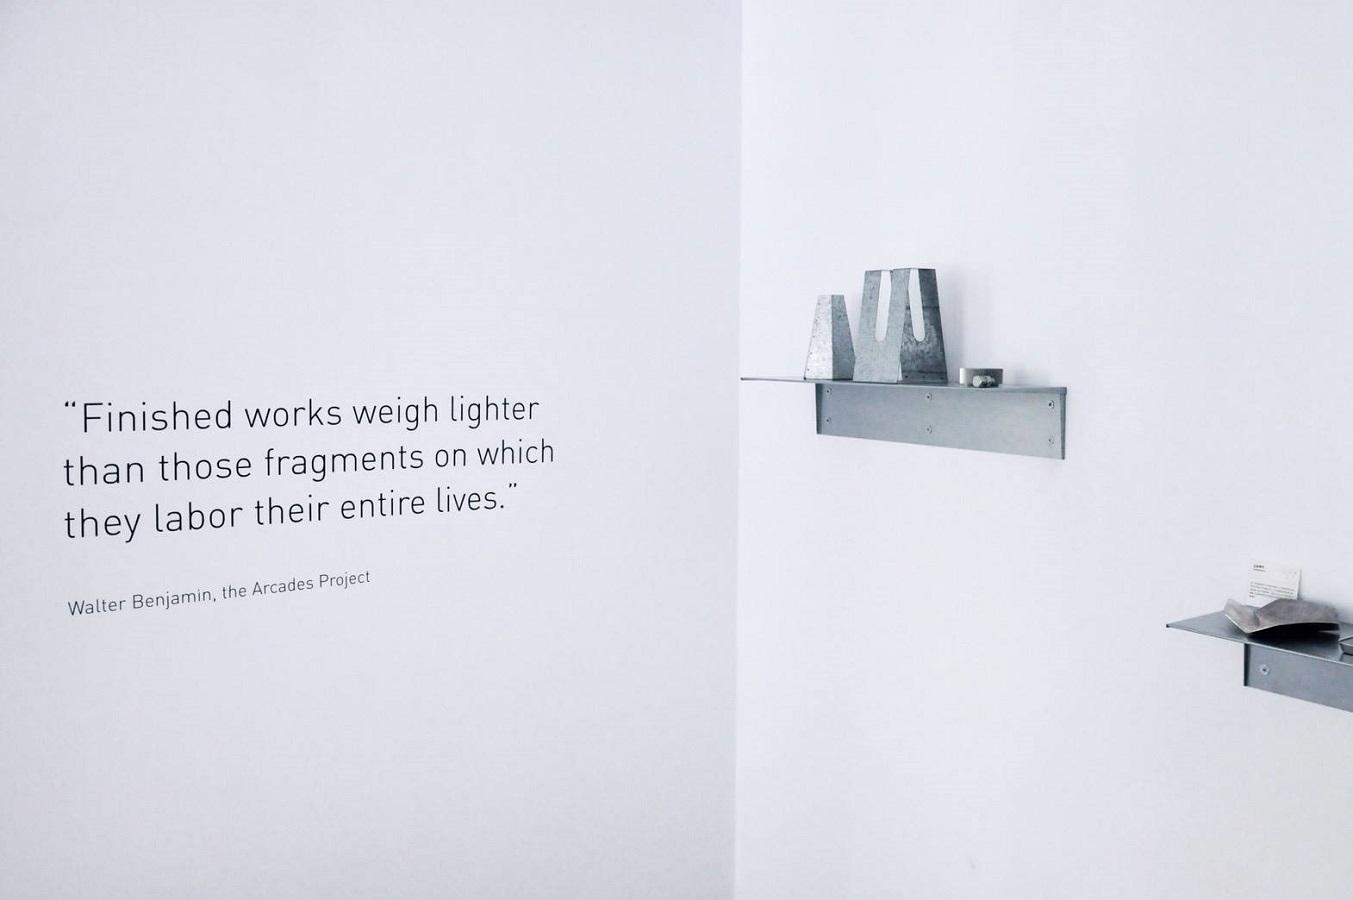 不只是工廠Factory Project—Hevo日何百鐵的生活鐵件創新實驗